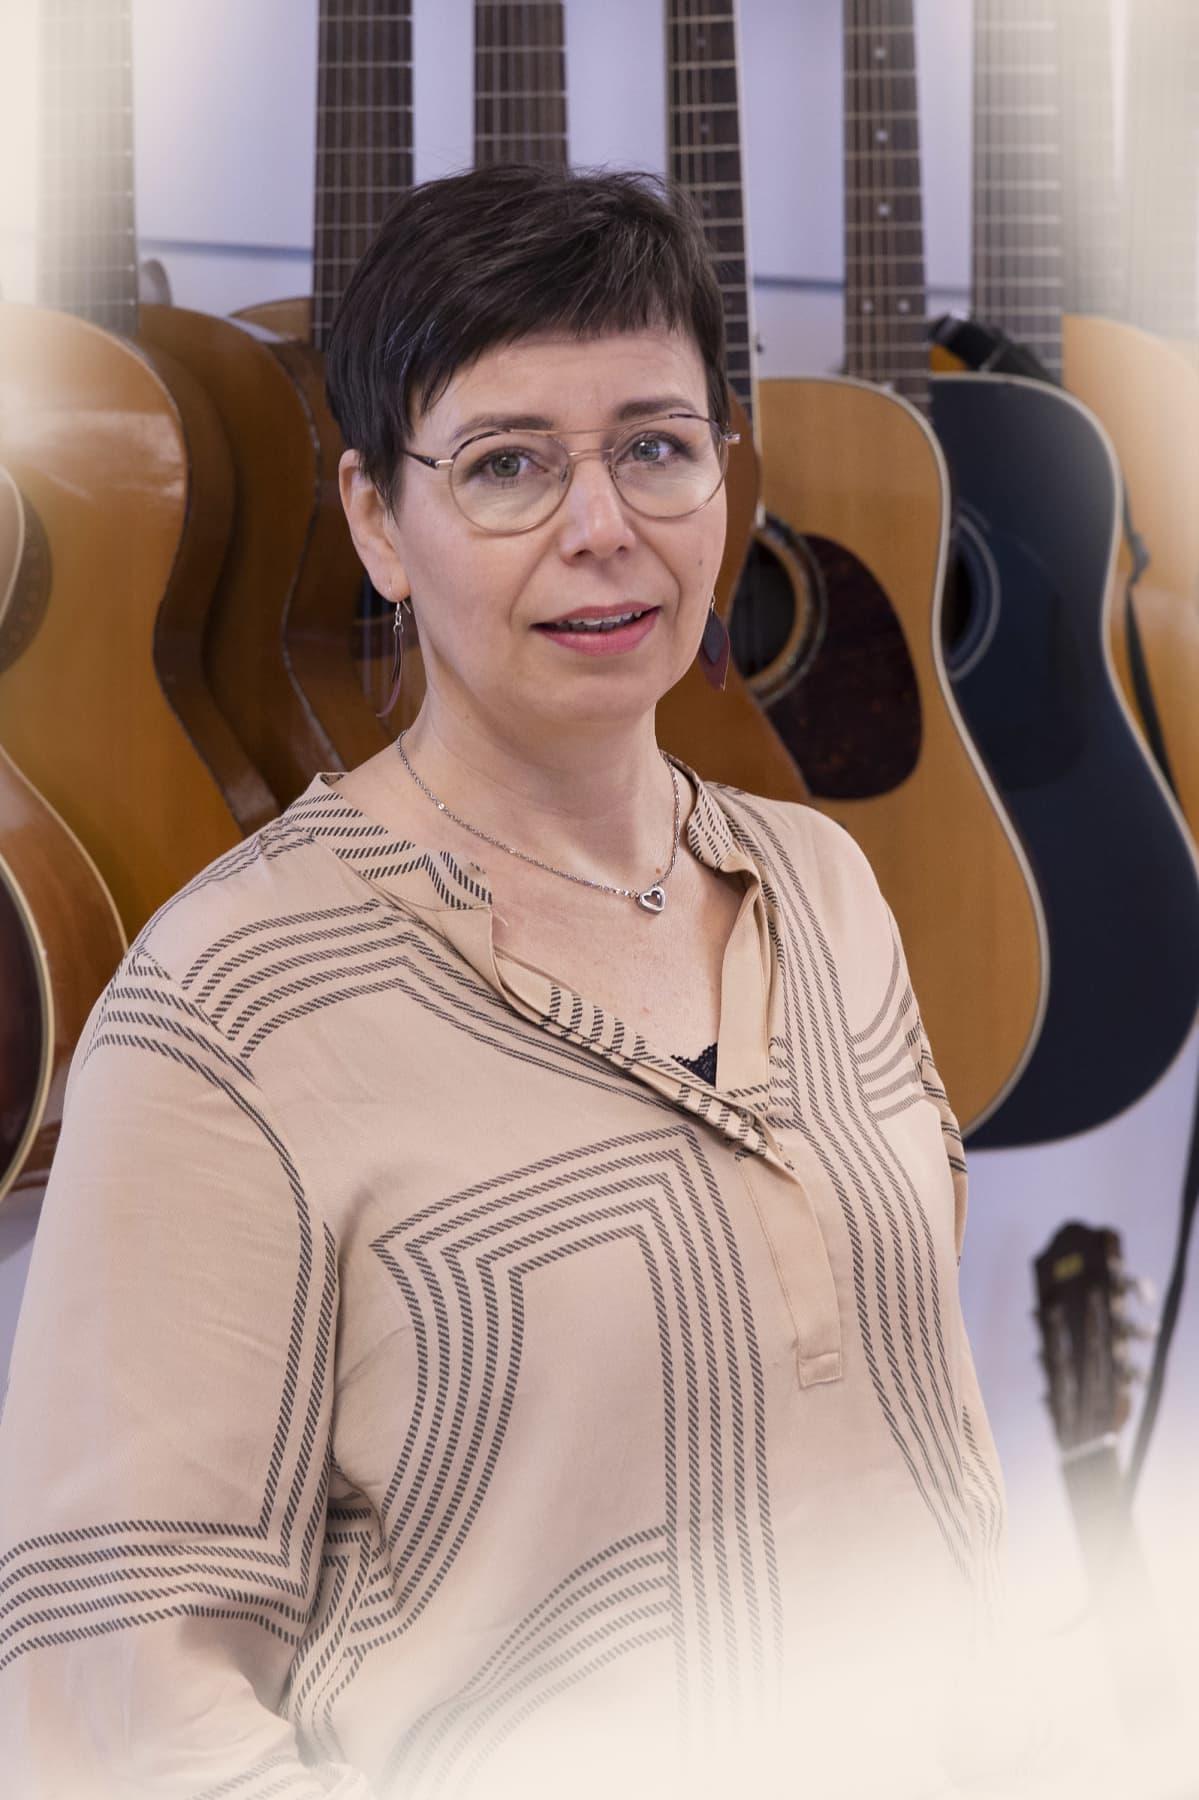 Elina Kallio musiikkiluokassa.